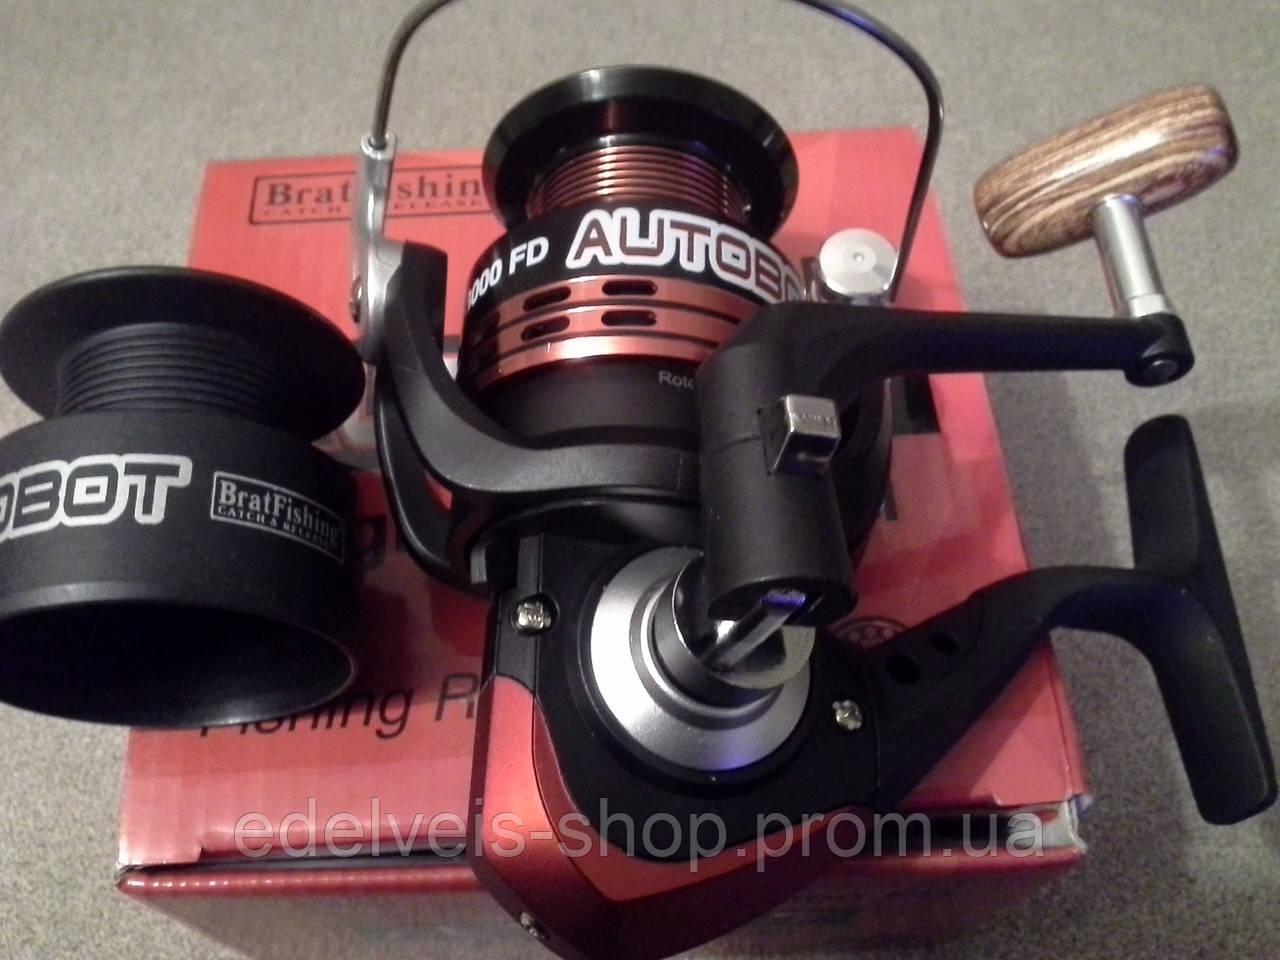 Катушка спиннинговая Bratfishing Autobot 3000 FD 3+1 BB